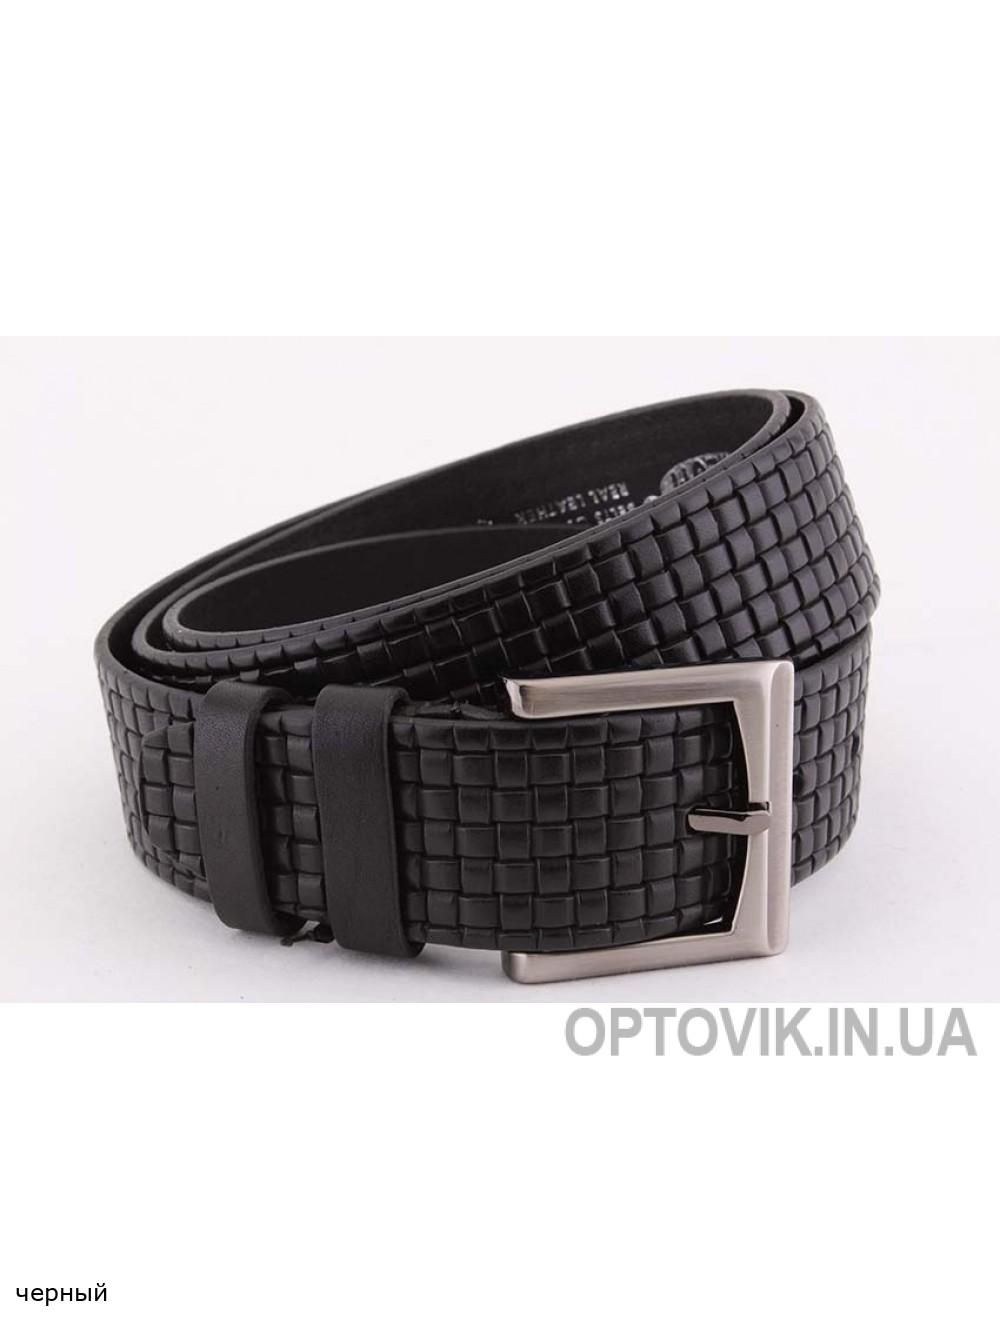 Ремень кожа 40 Diplom - 00948-40L